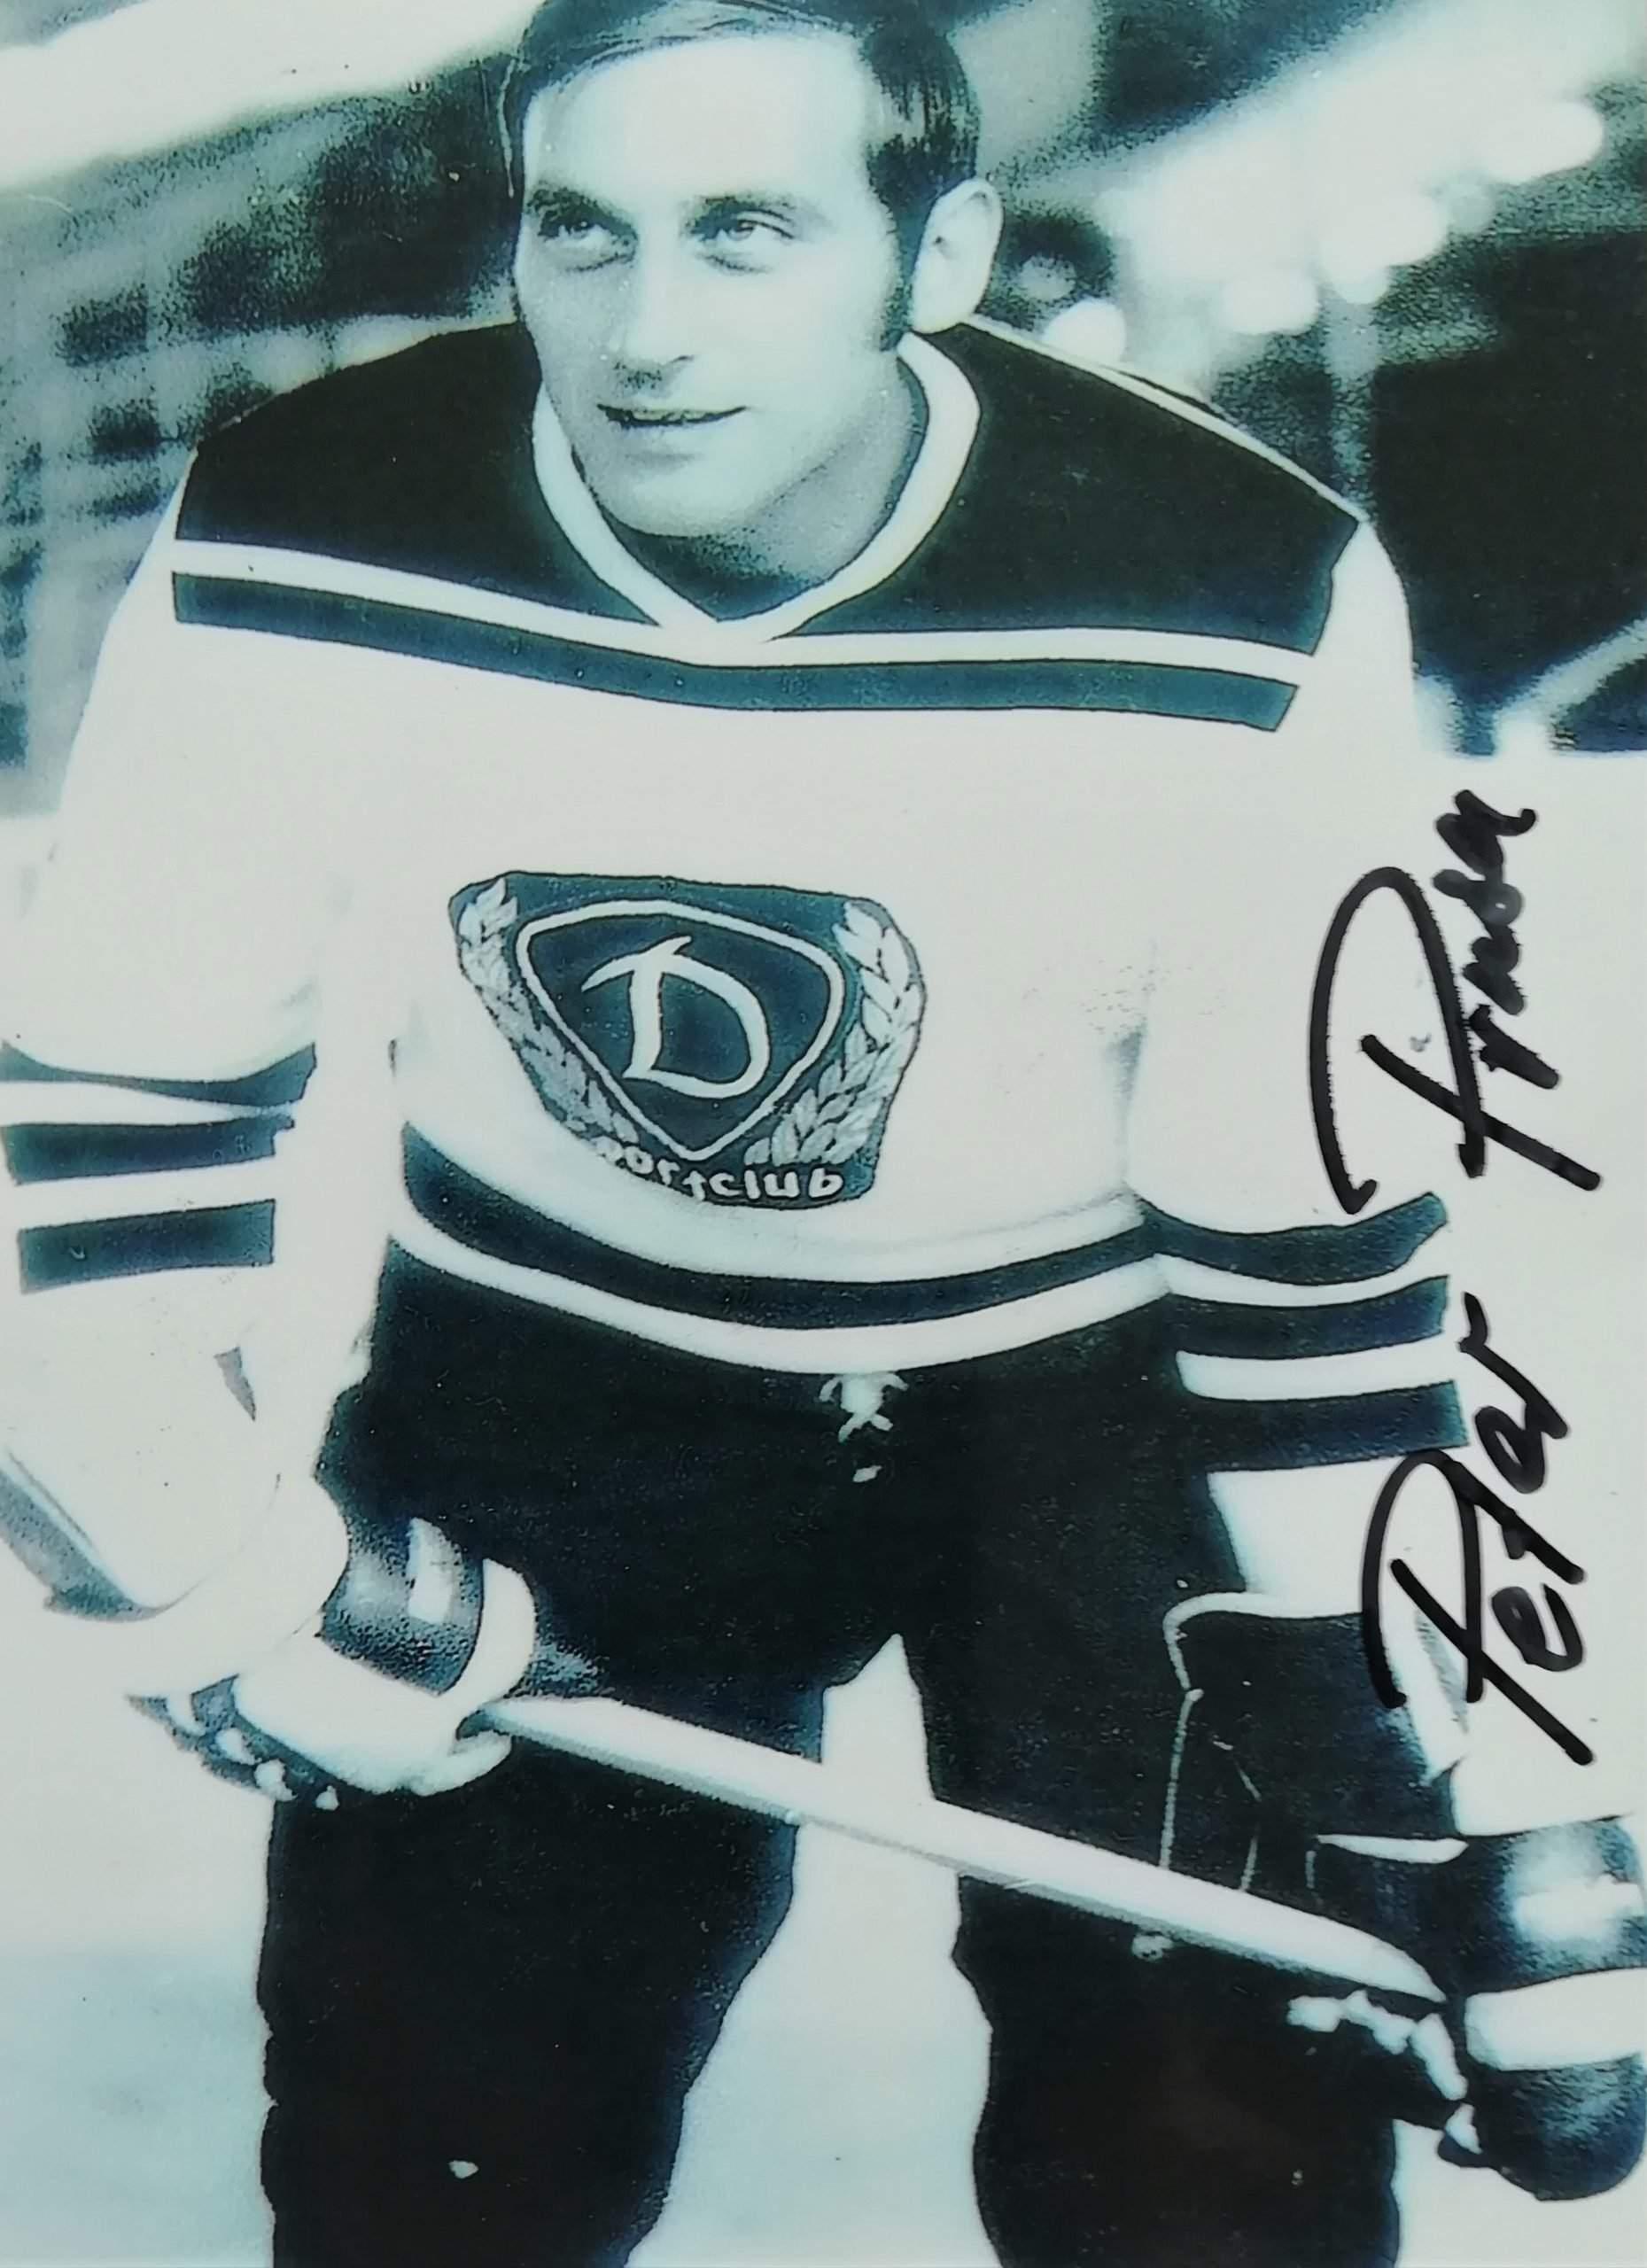 彼得·普鲁萨:上世纪六七十年代东德的职业冰球运动员。